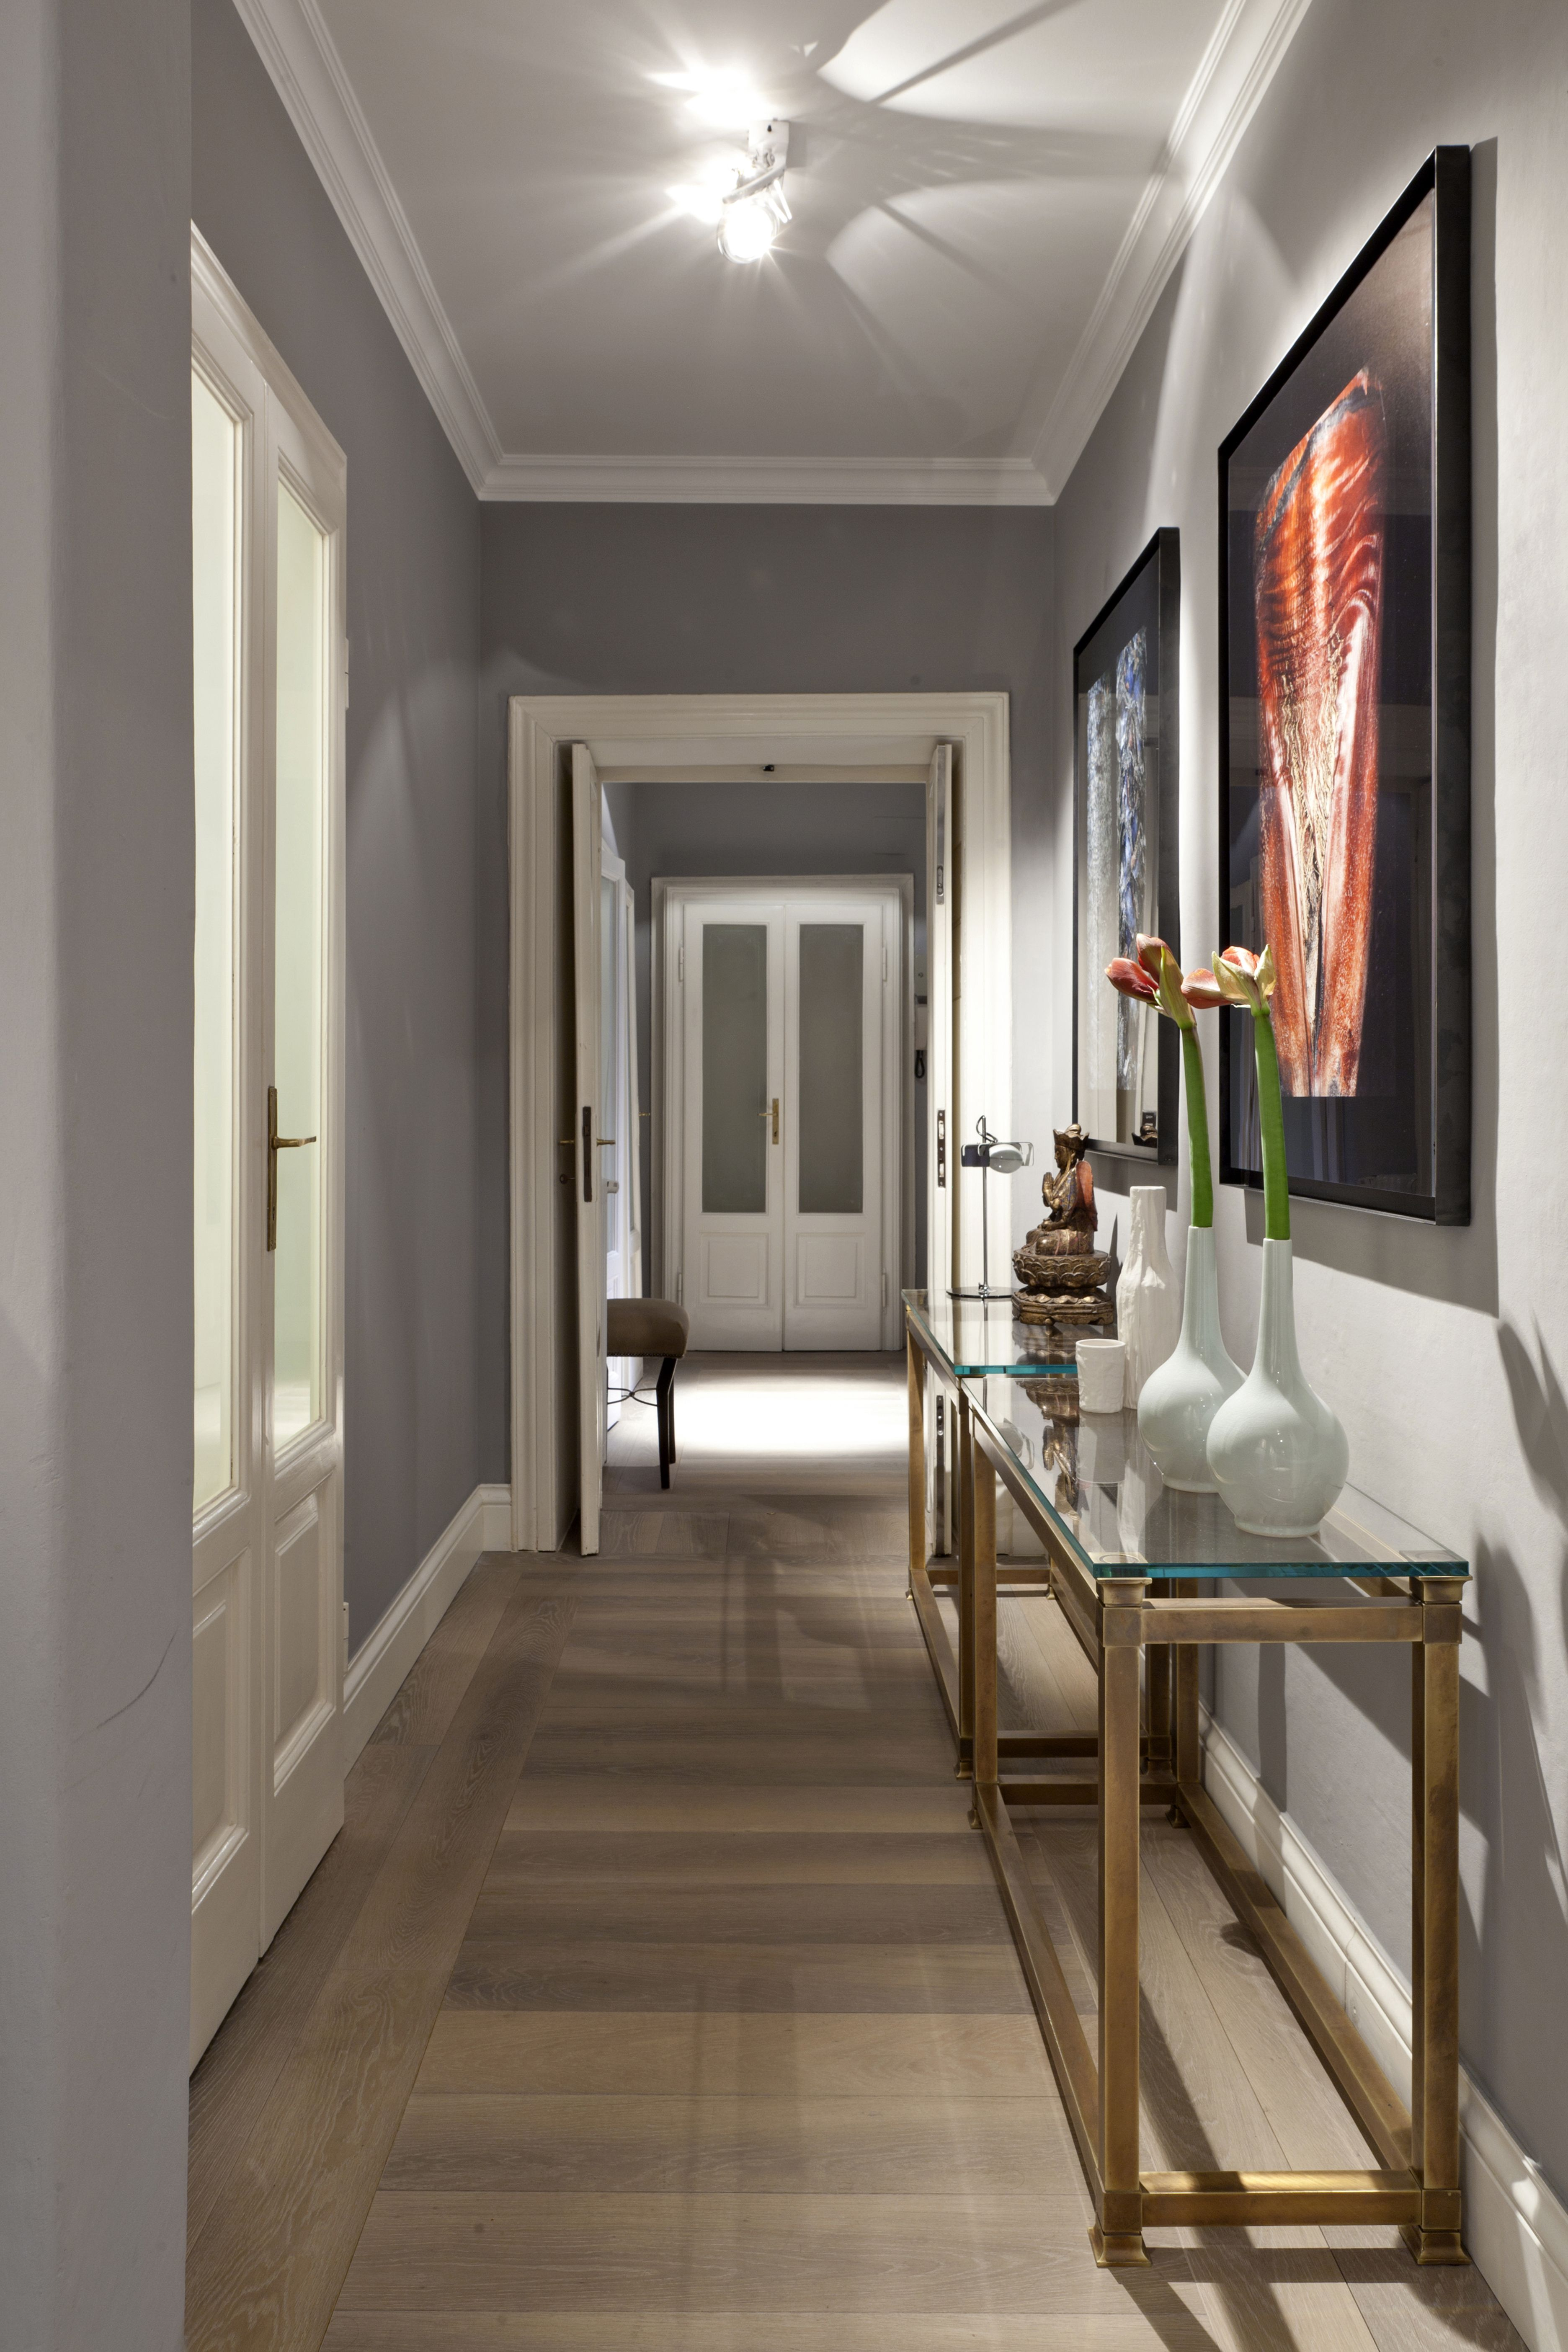 Corridoio grigio con quadri cornici zoccolino smc for Quadri per appartamento